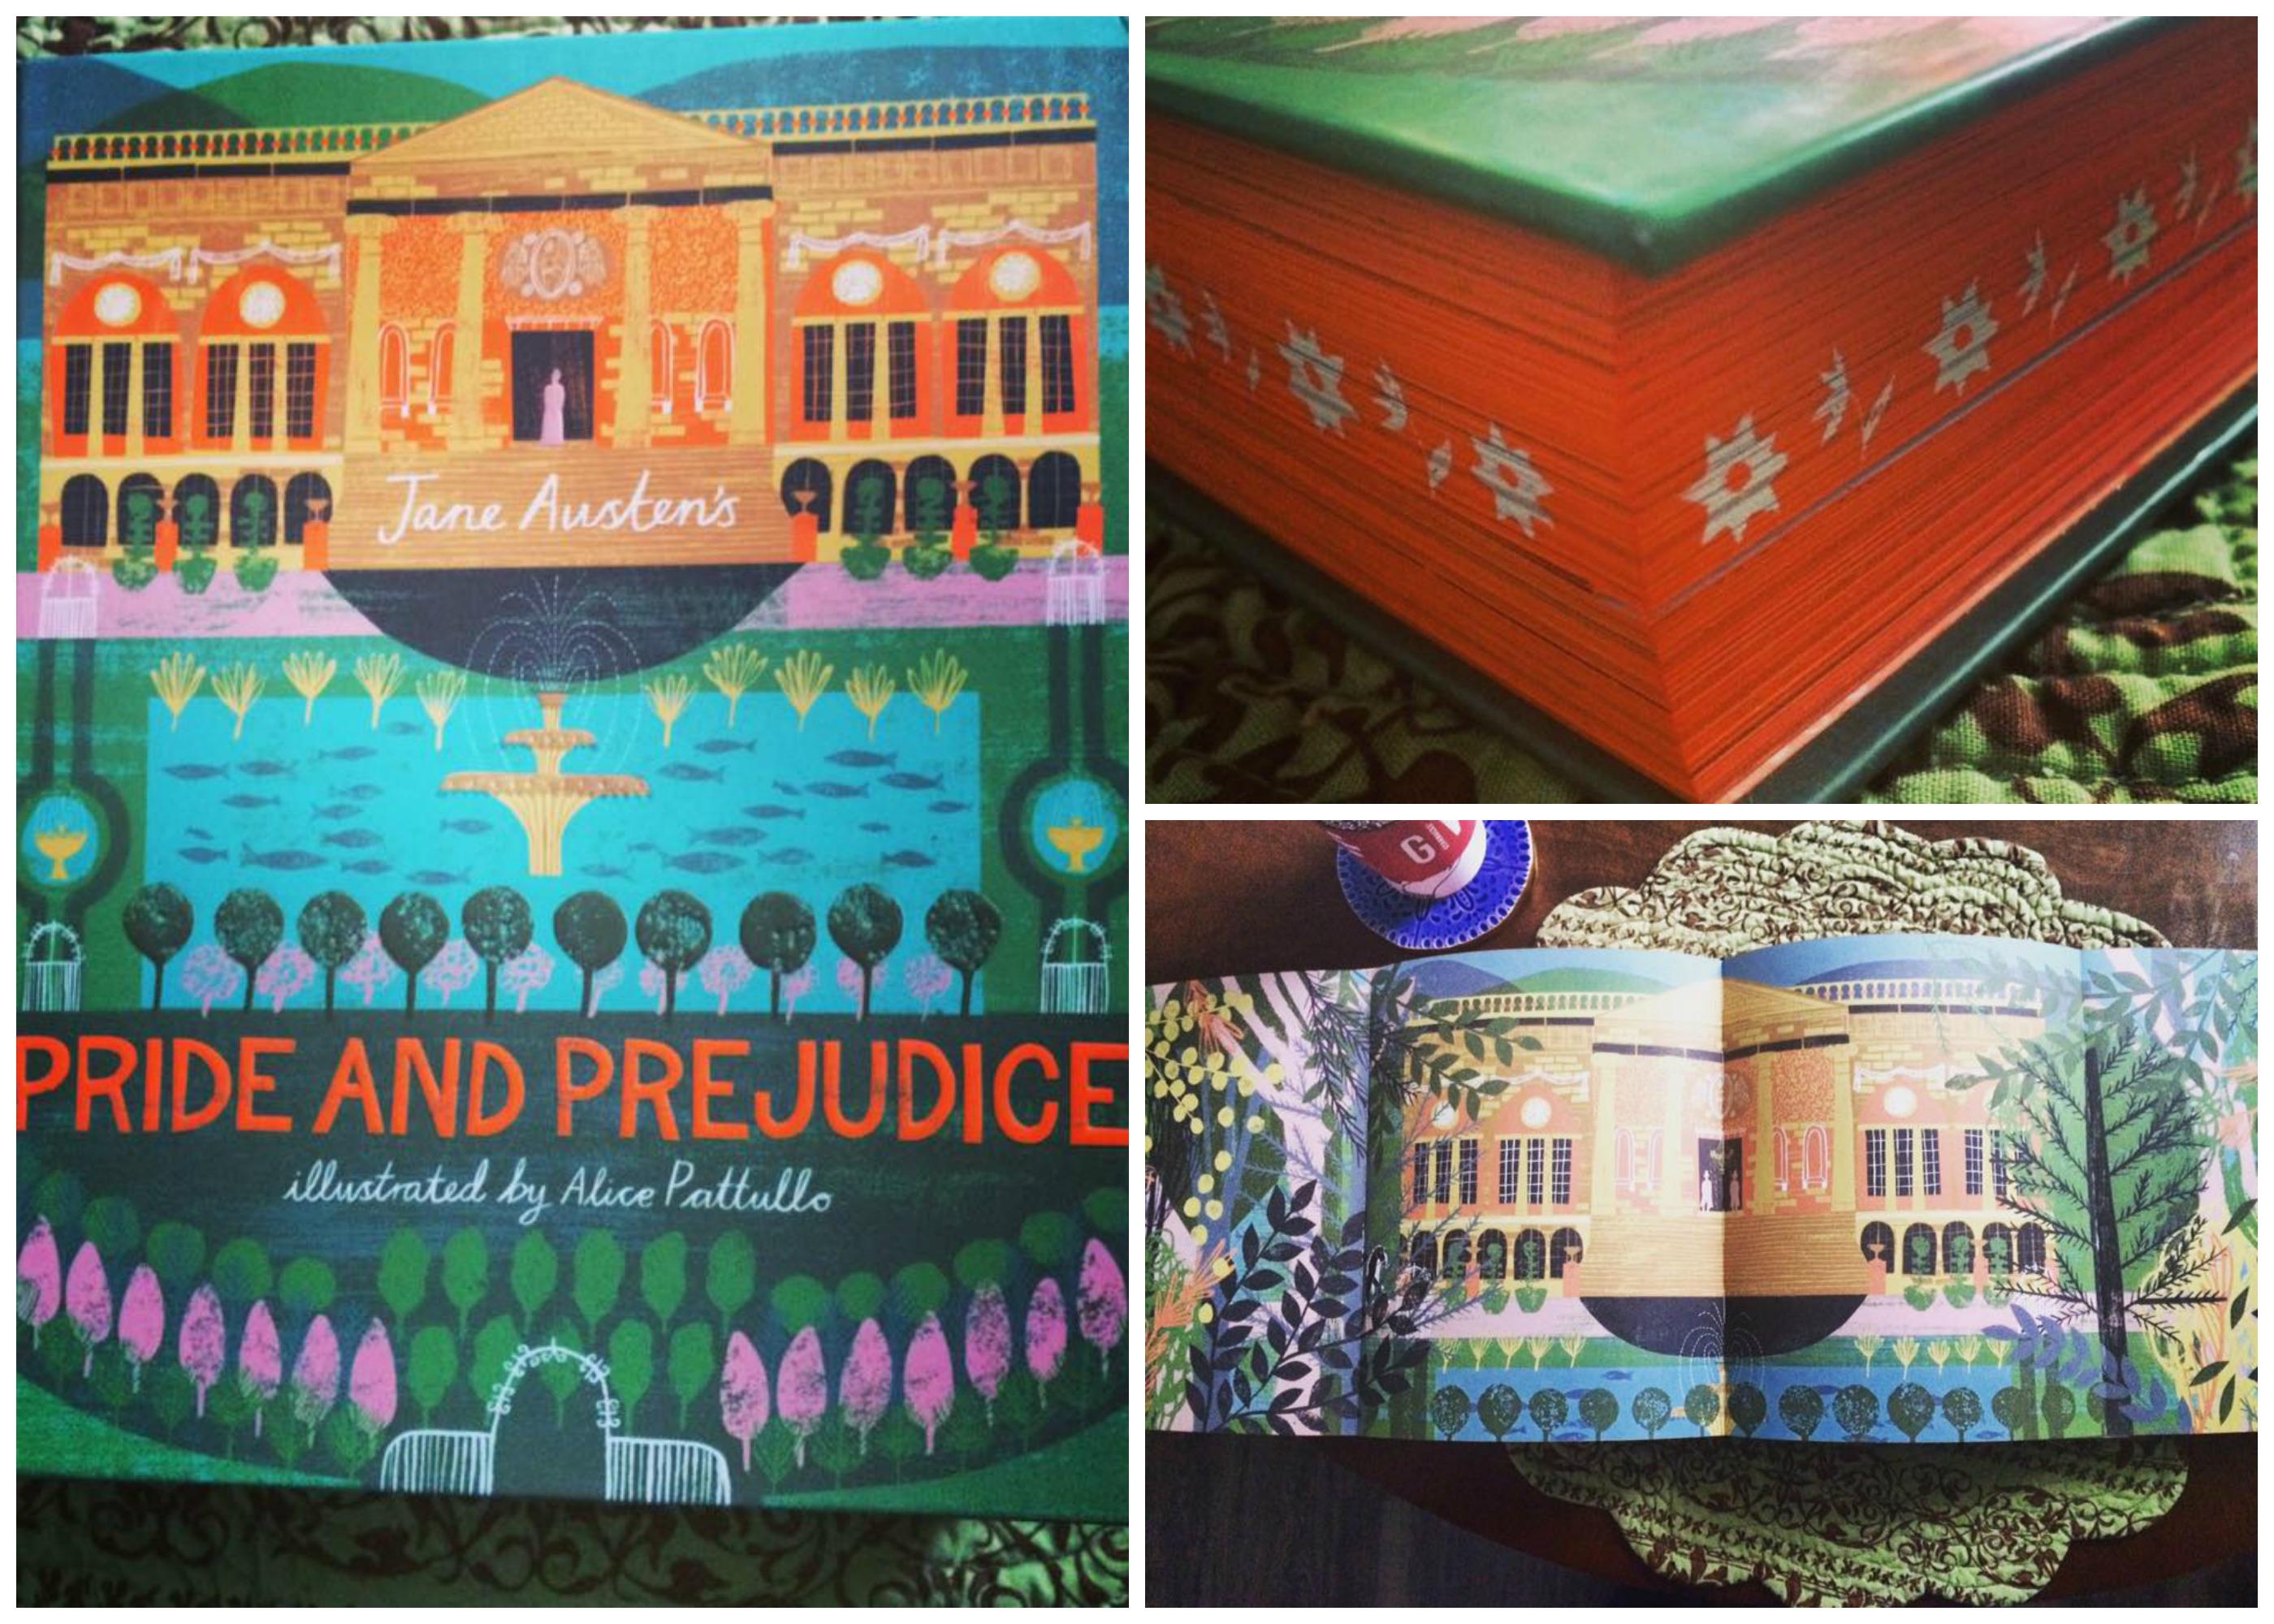 Classics Reimagined Pride and Prejudice illustrated by Alice Pattullo